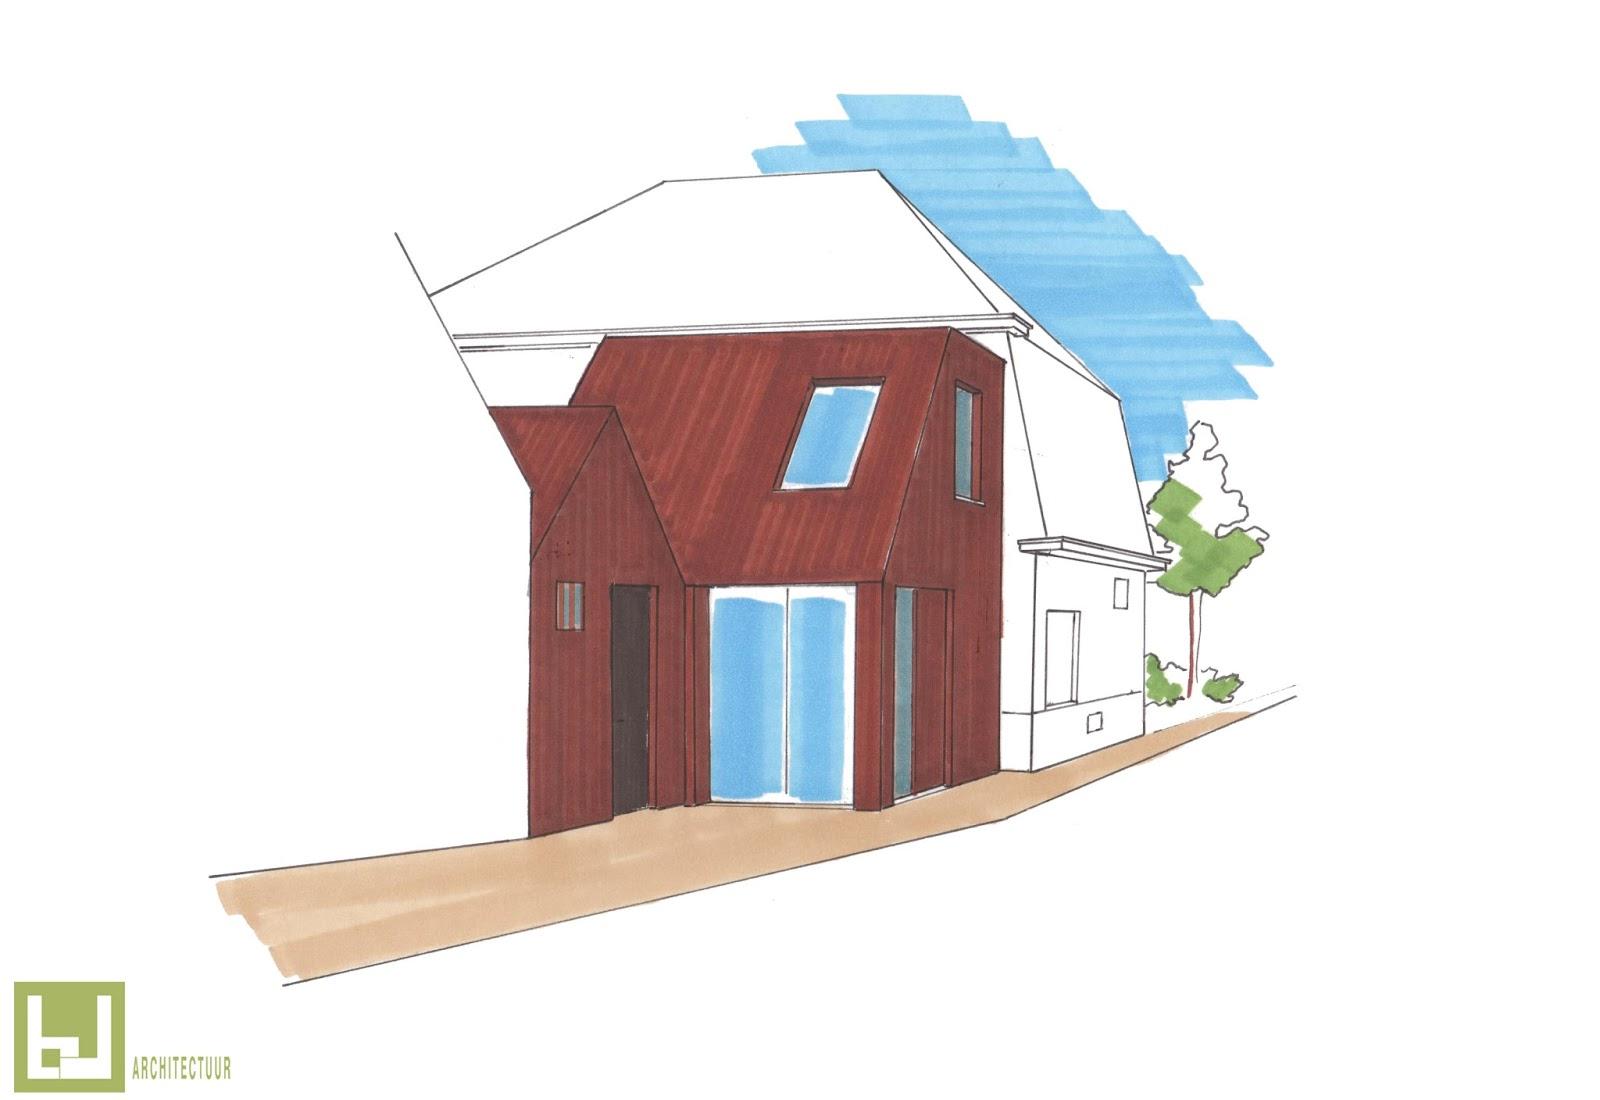 Bj architectuur